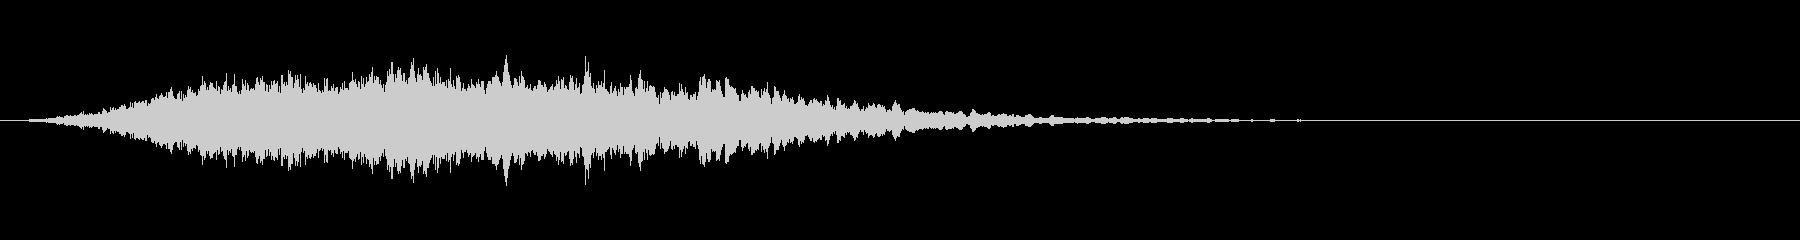 高弦楽器のアクセント-神秘的なの未再生の波形